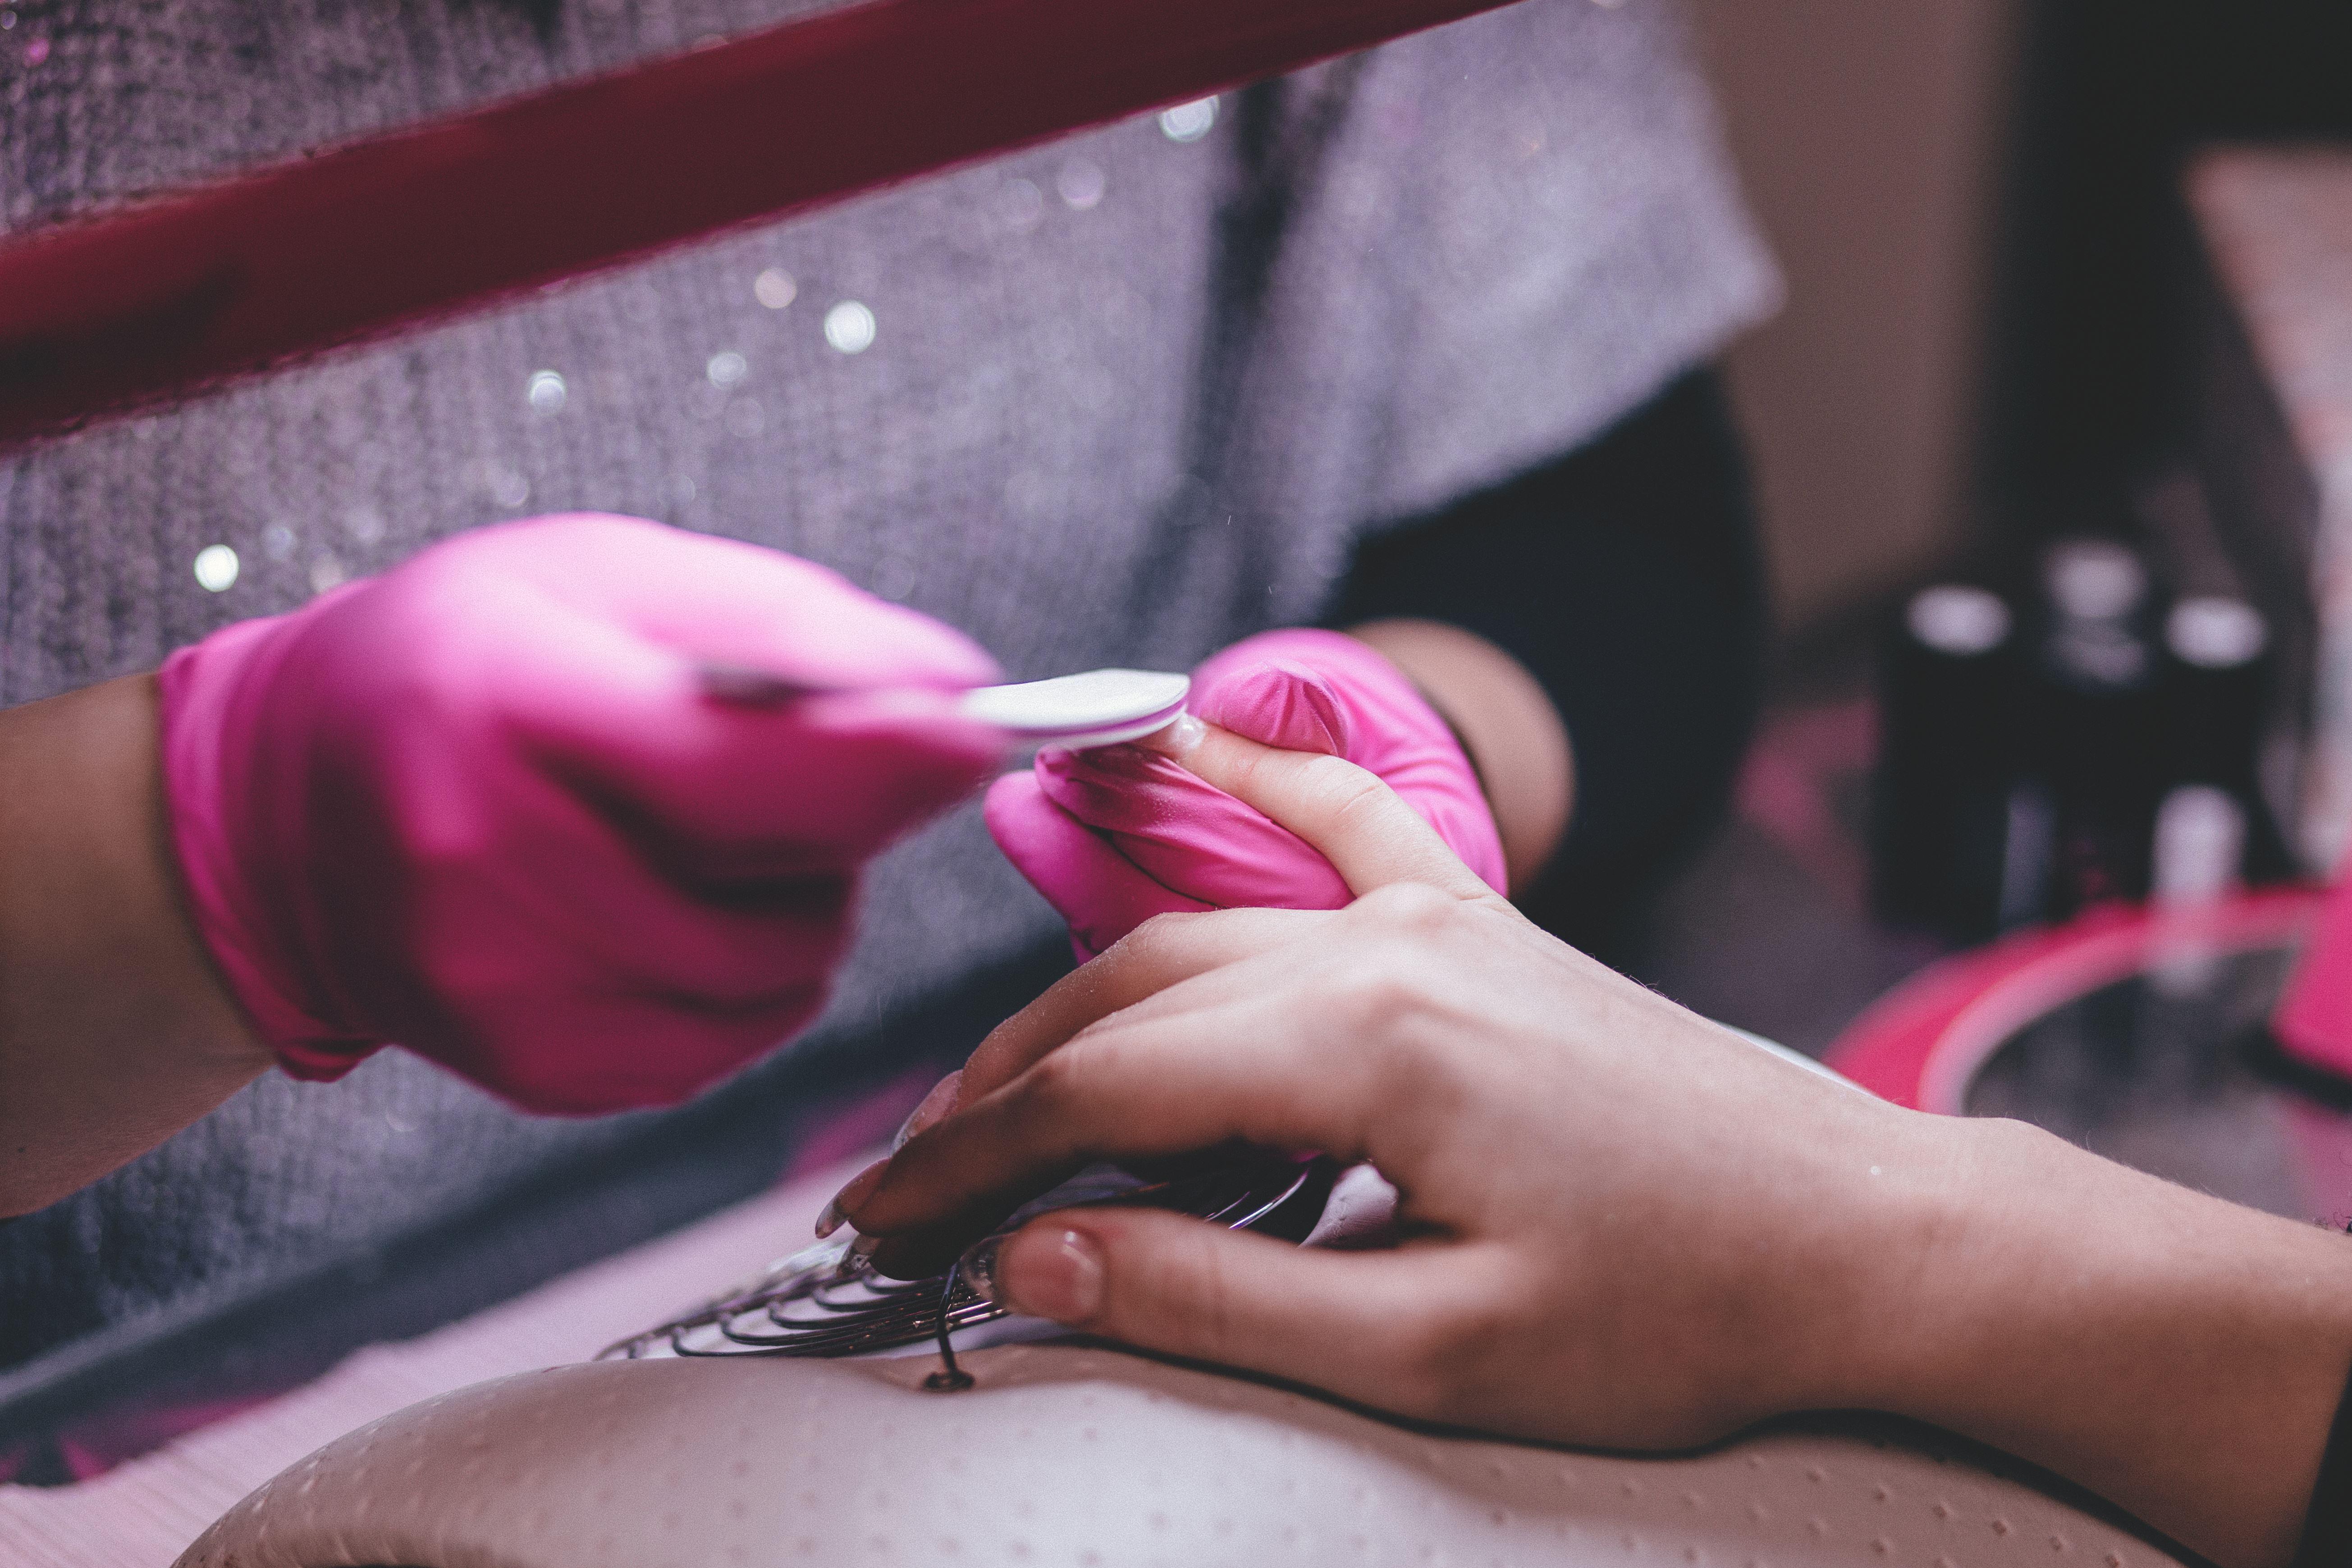 Designer Nails And Waxing Acrylic Nails Nails